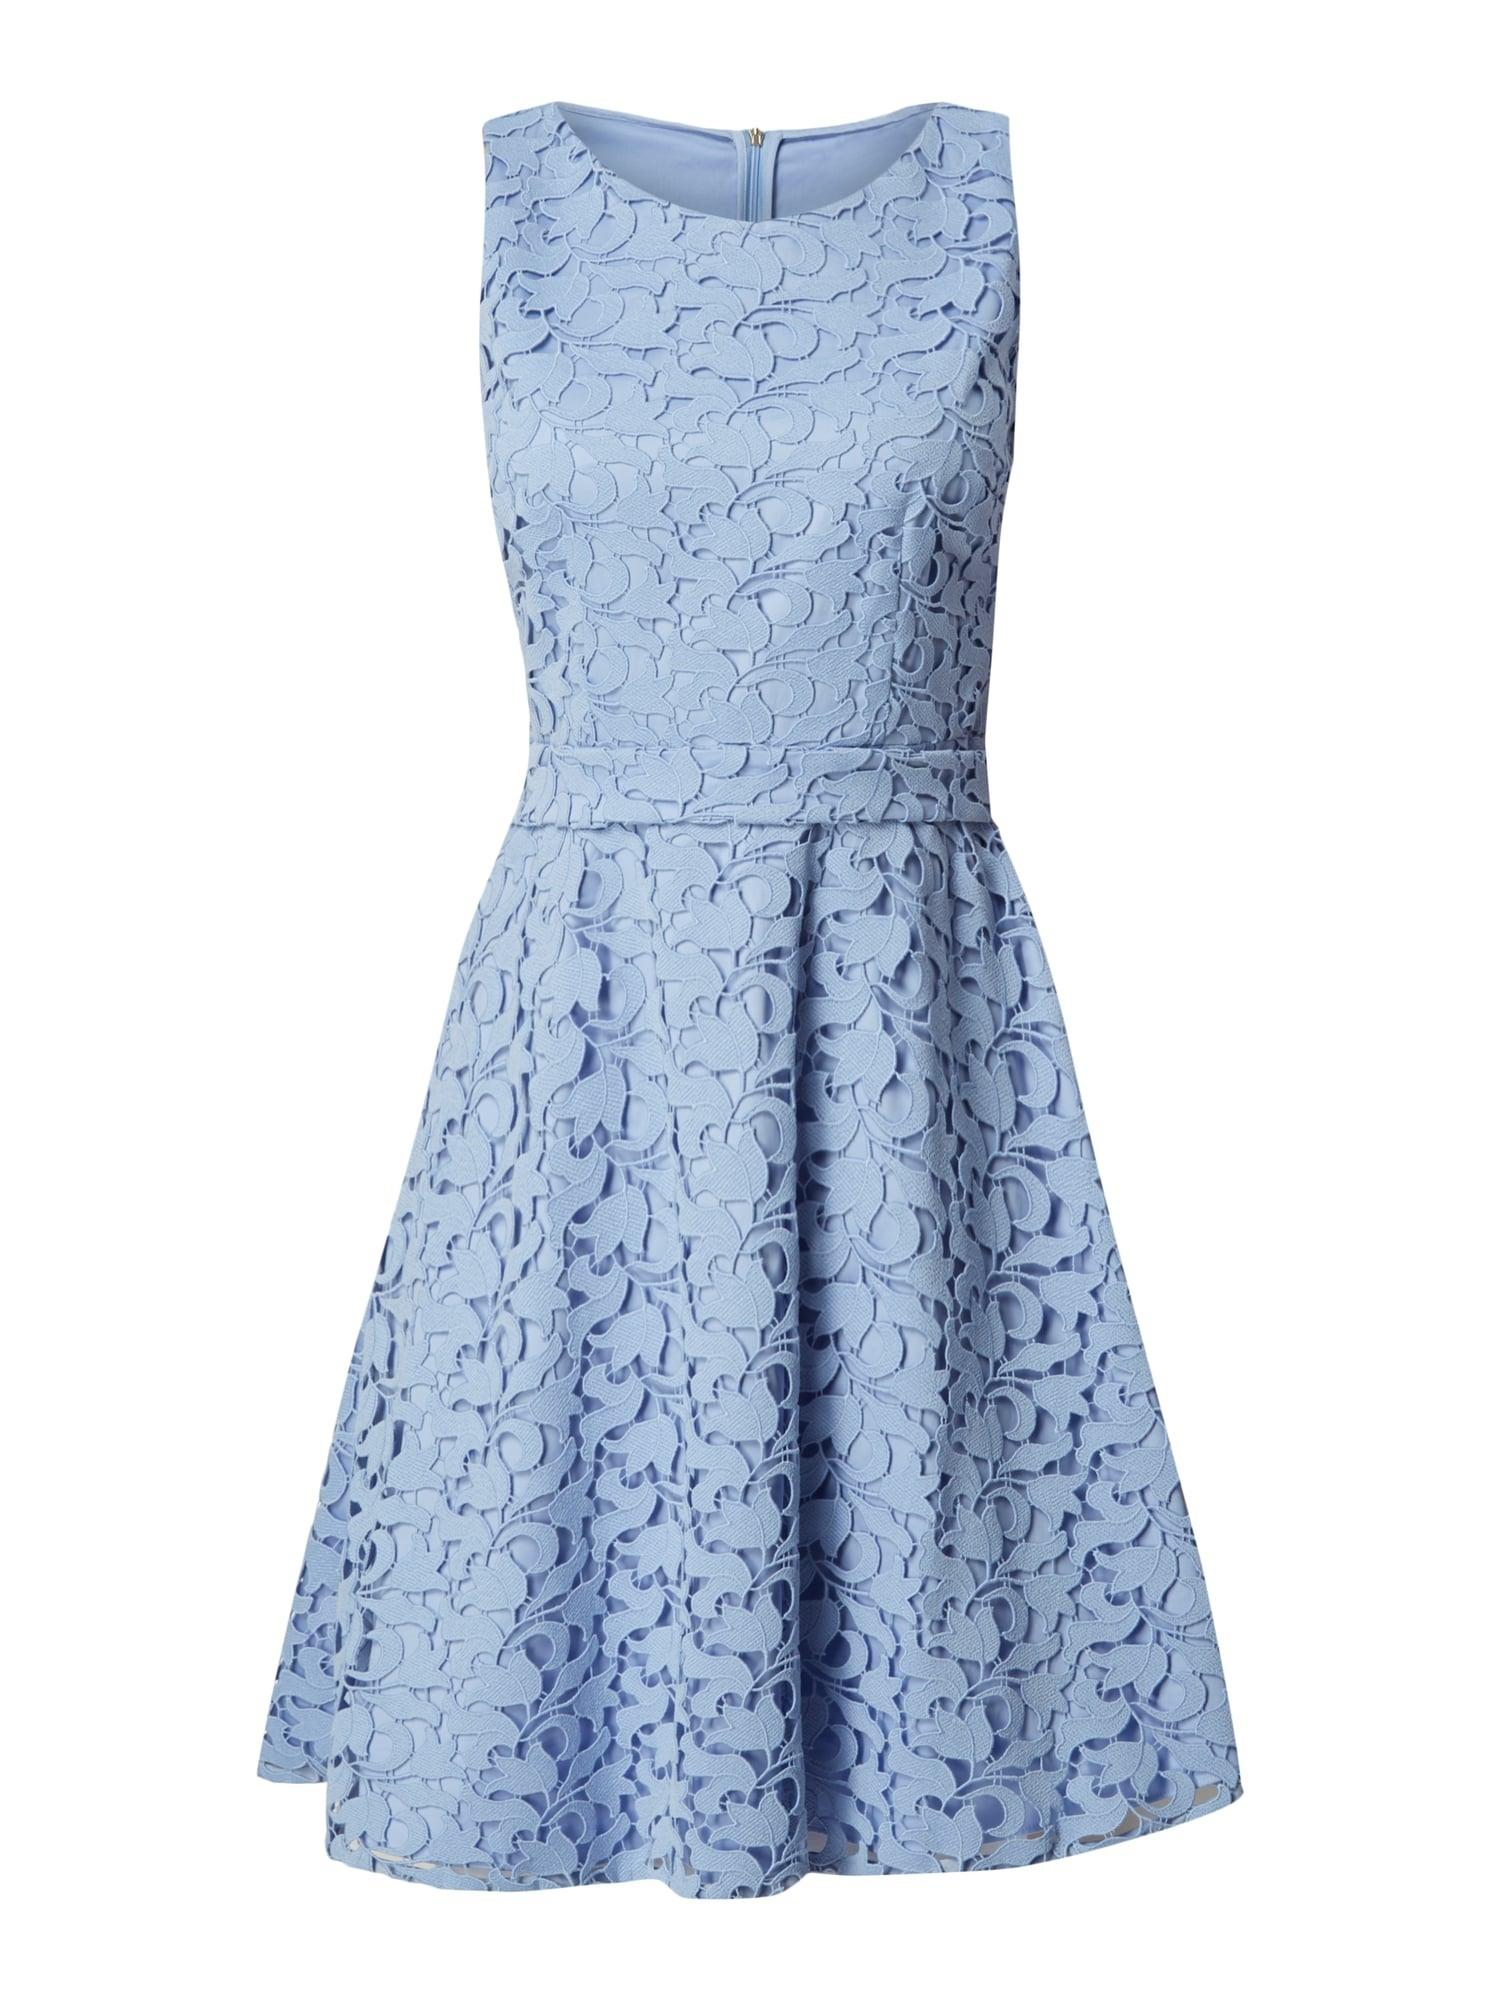 20 Ausgezeichnet Kleid Spitze Hellblau Spezialgebiet13 Einfach Kleid Spitze Hellblau Spezialgebiet